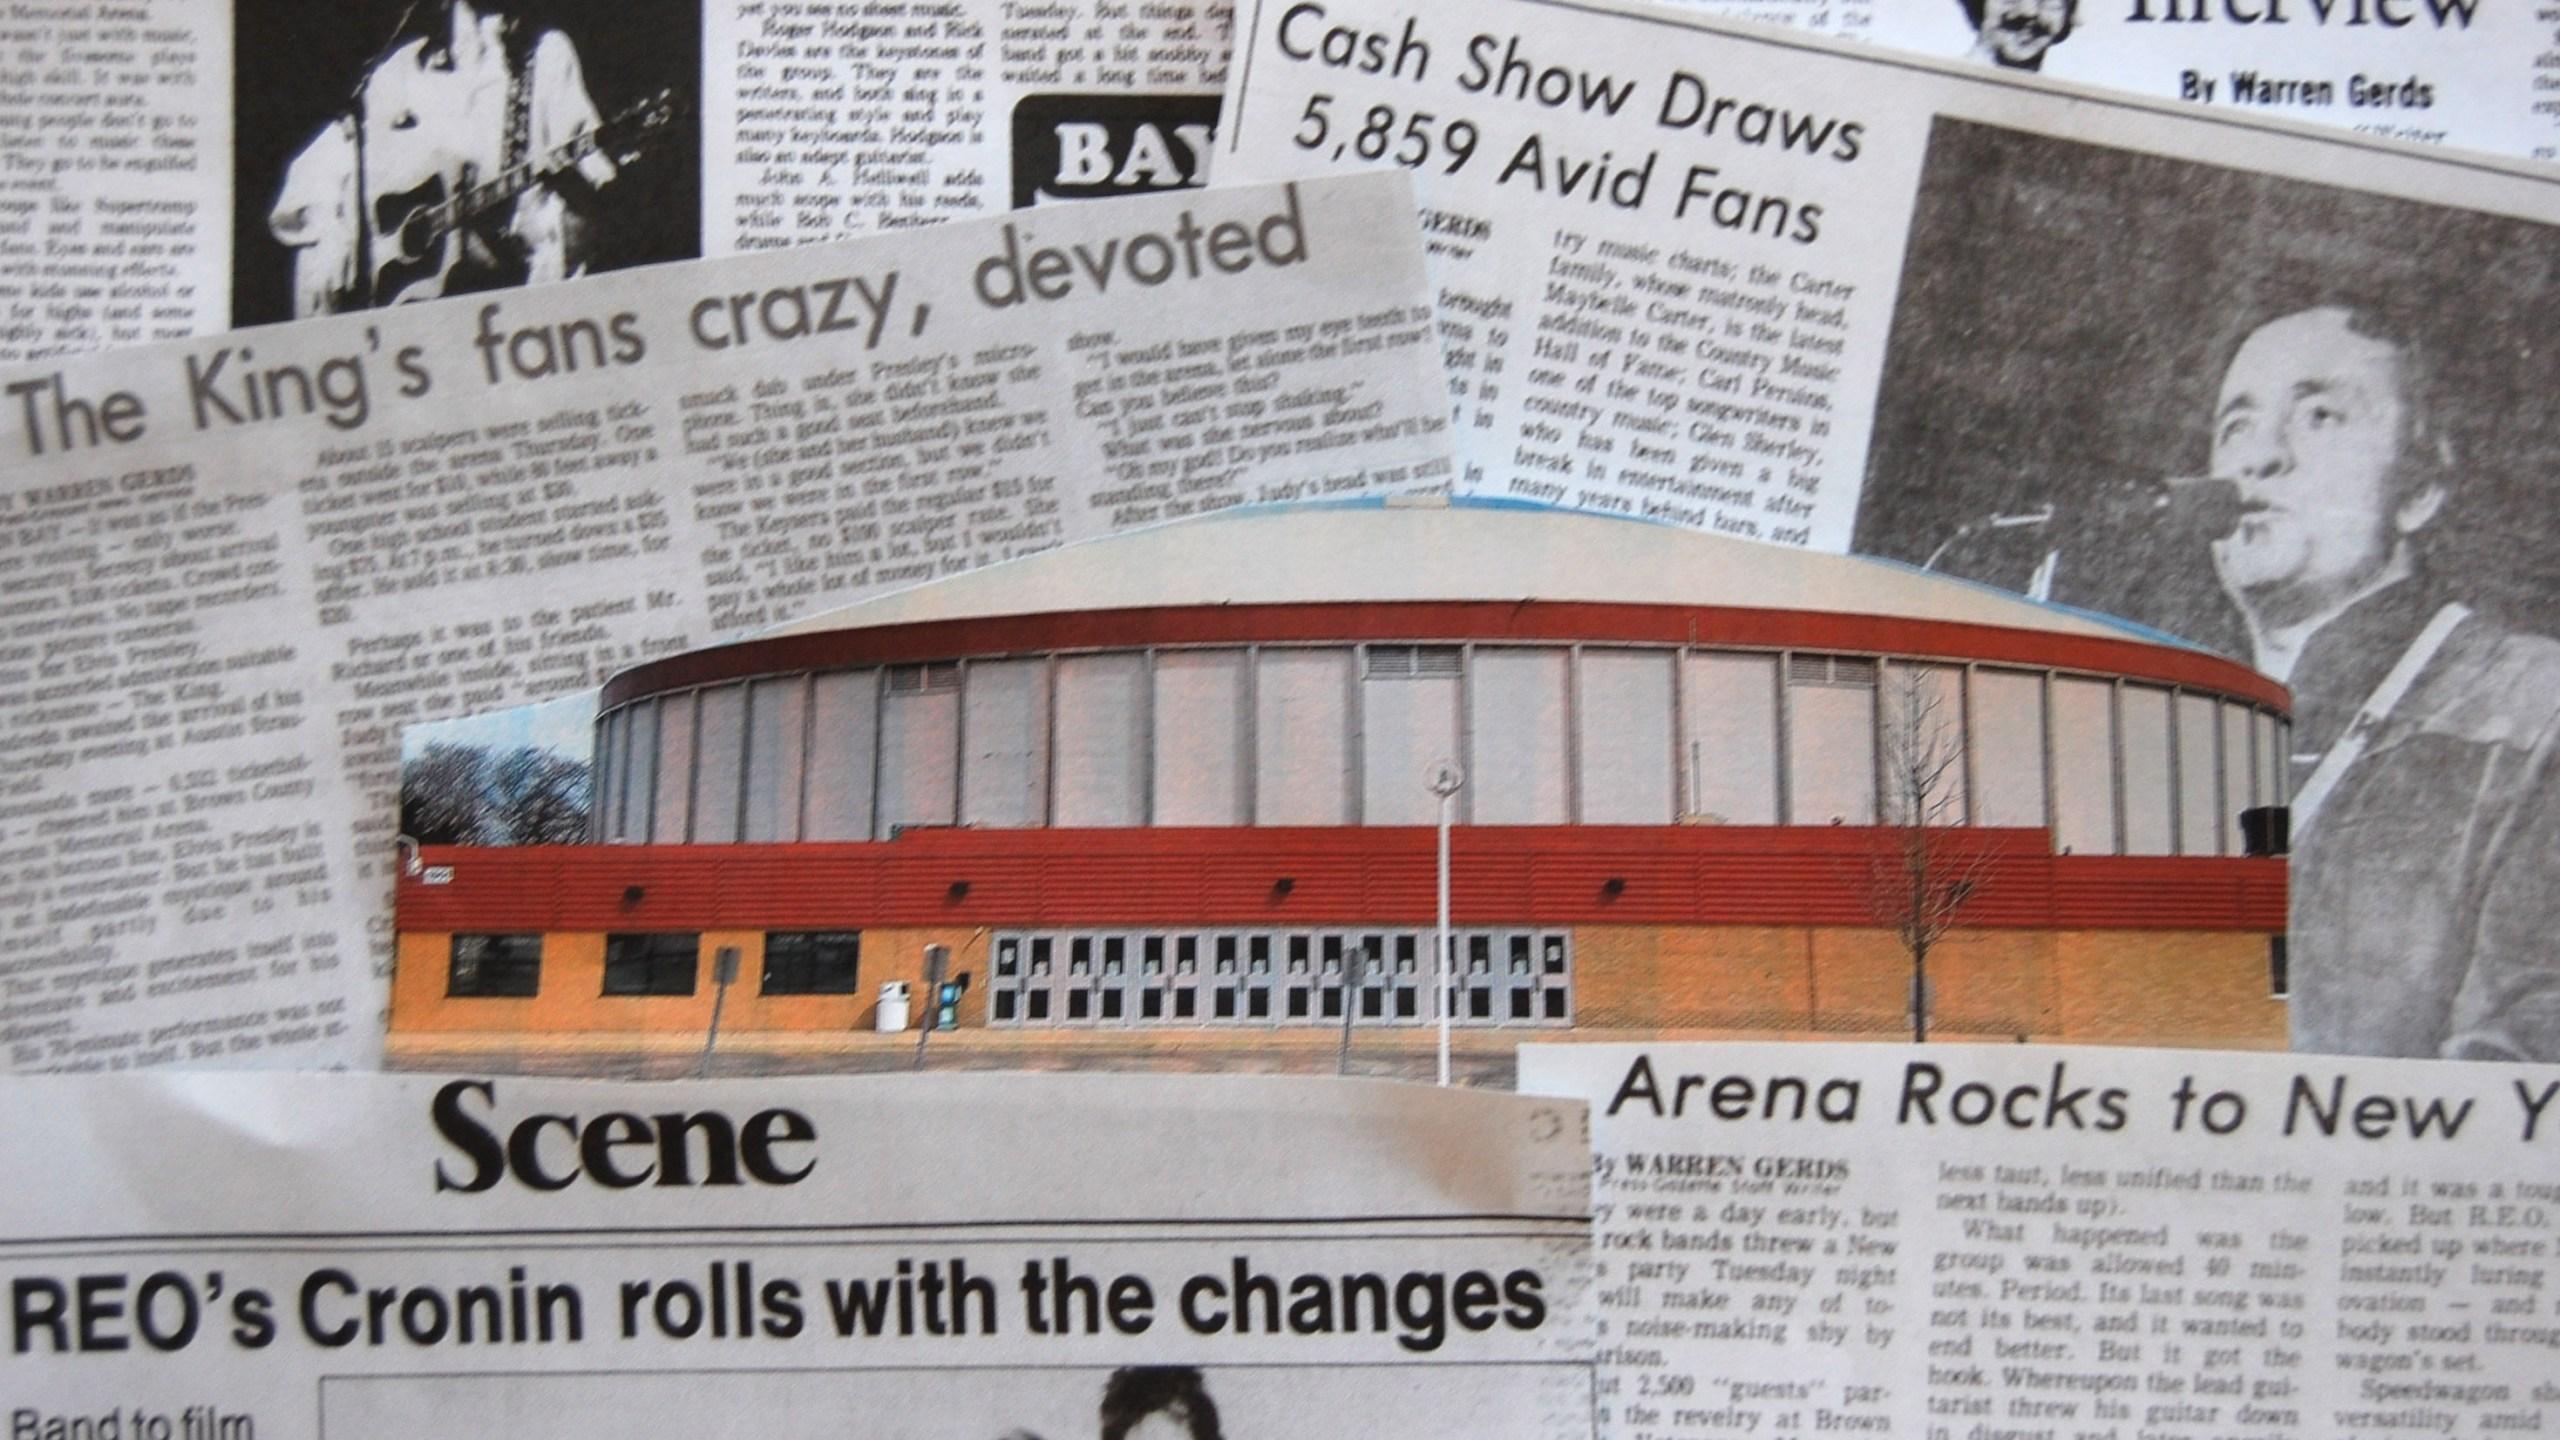 Brown County Veterans Memorial Arena shows image_1554020670187.jpg.jpg